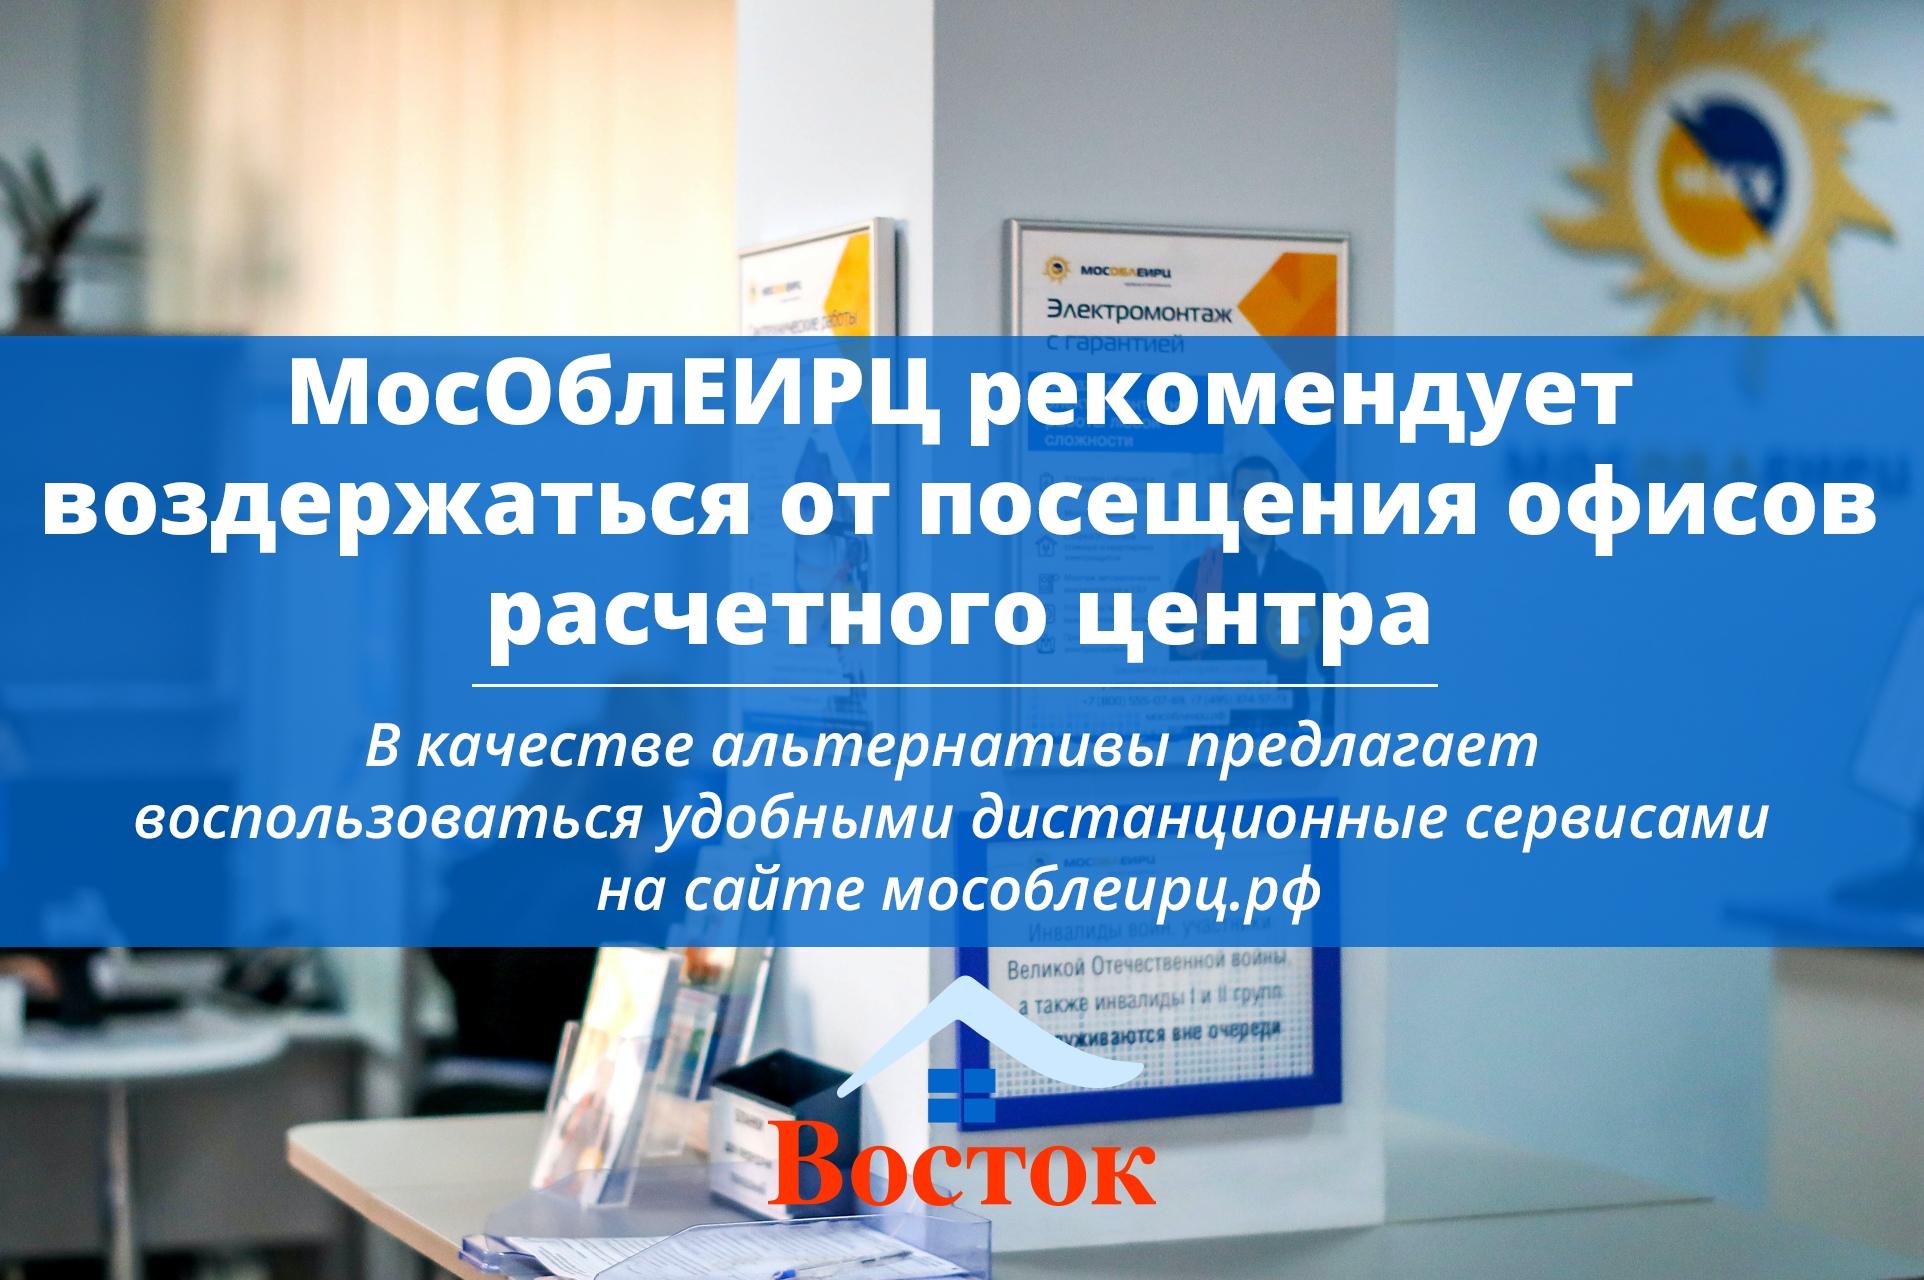 МосОблЕИРЦ рекомендует воздержаться от посещения офисов расчетного центра и воспользоваться дистанционными сервисами